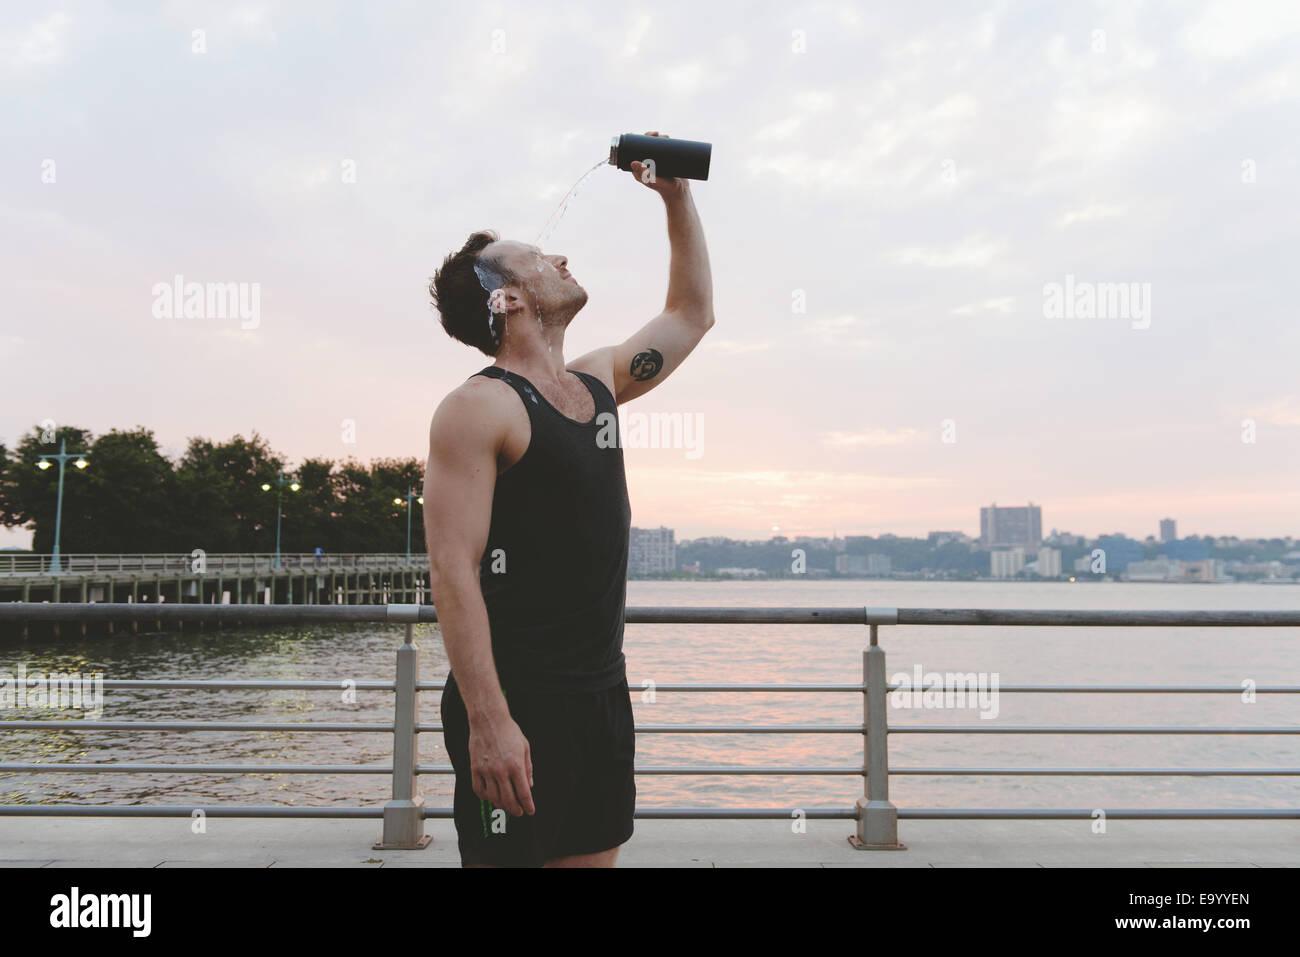 Giovane maschio runner versando acqua sulla sua faccia sul lungofiume di sunrise Immagini Stock